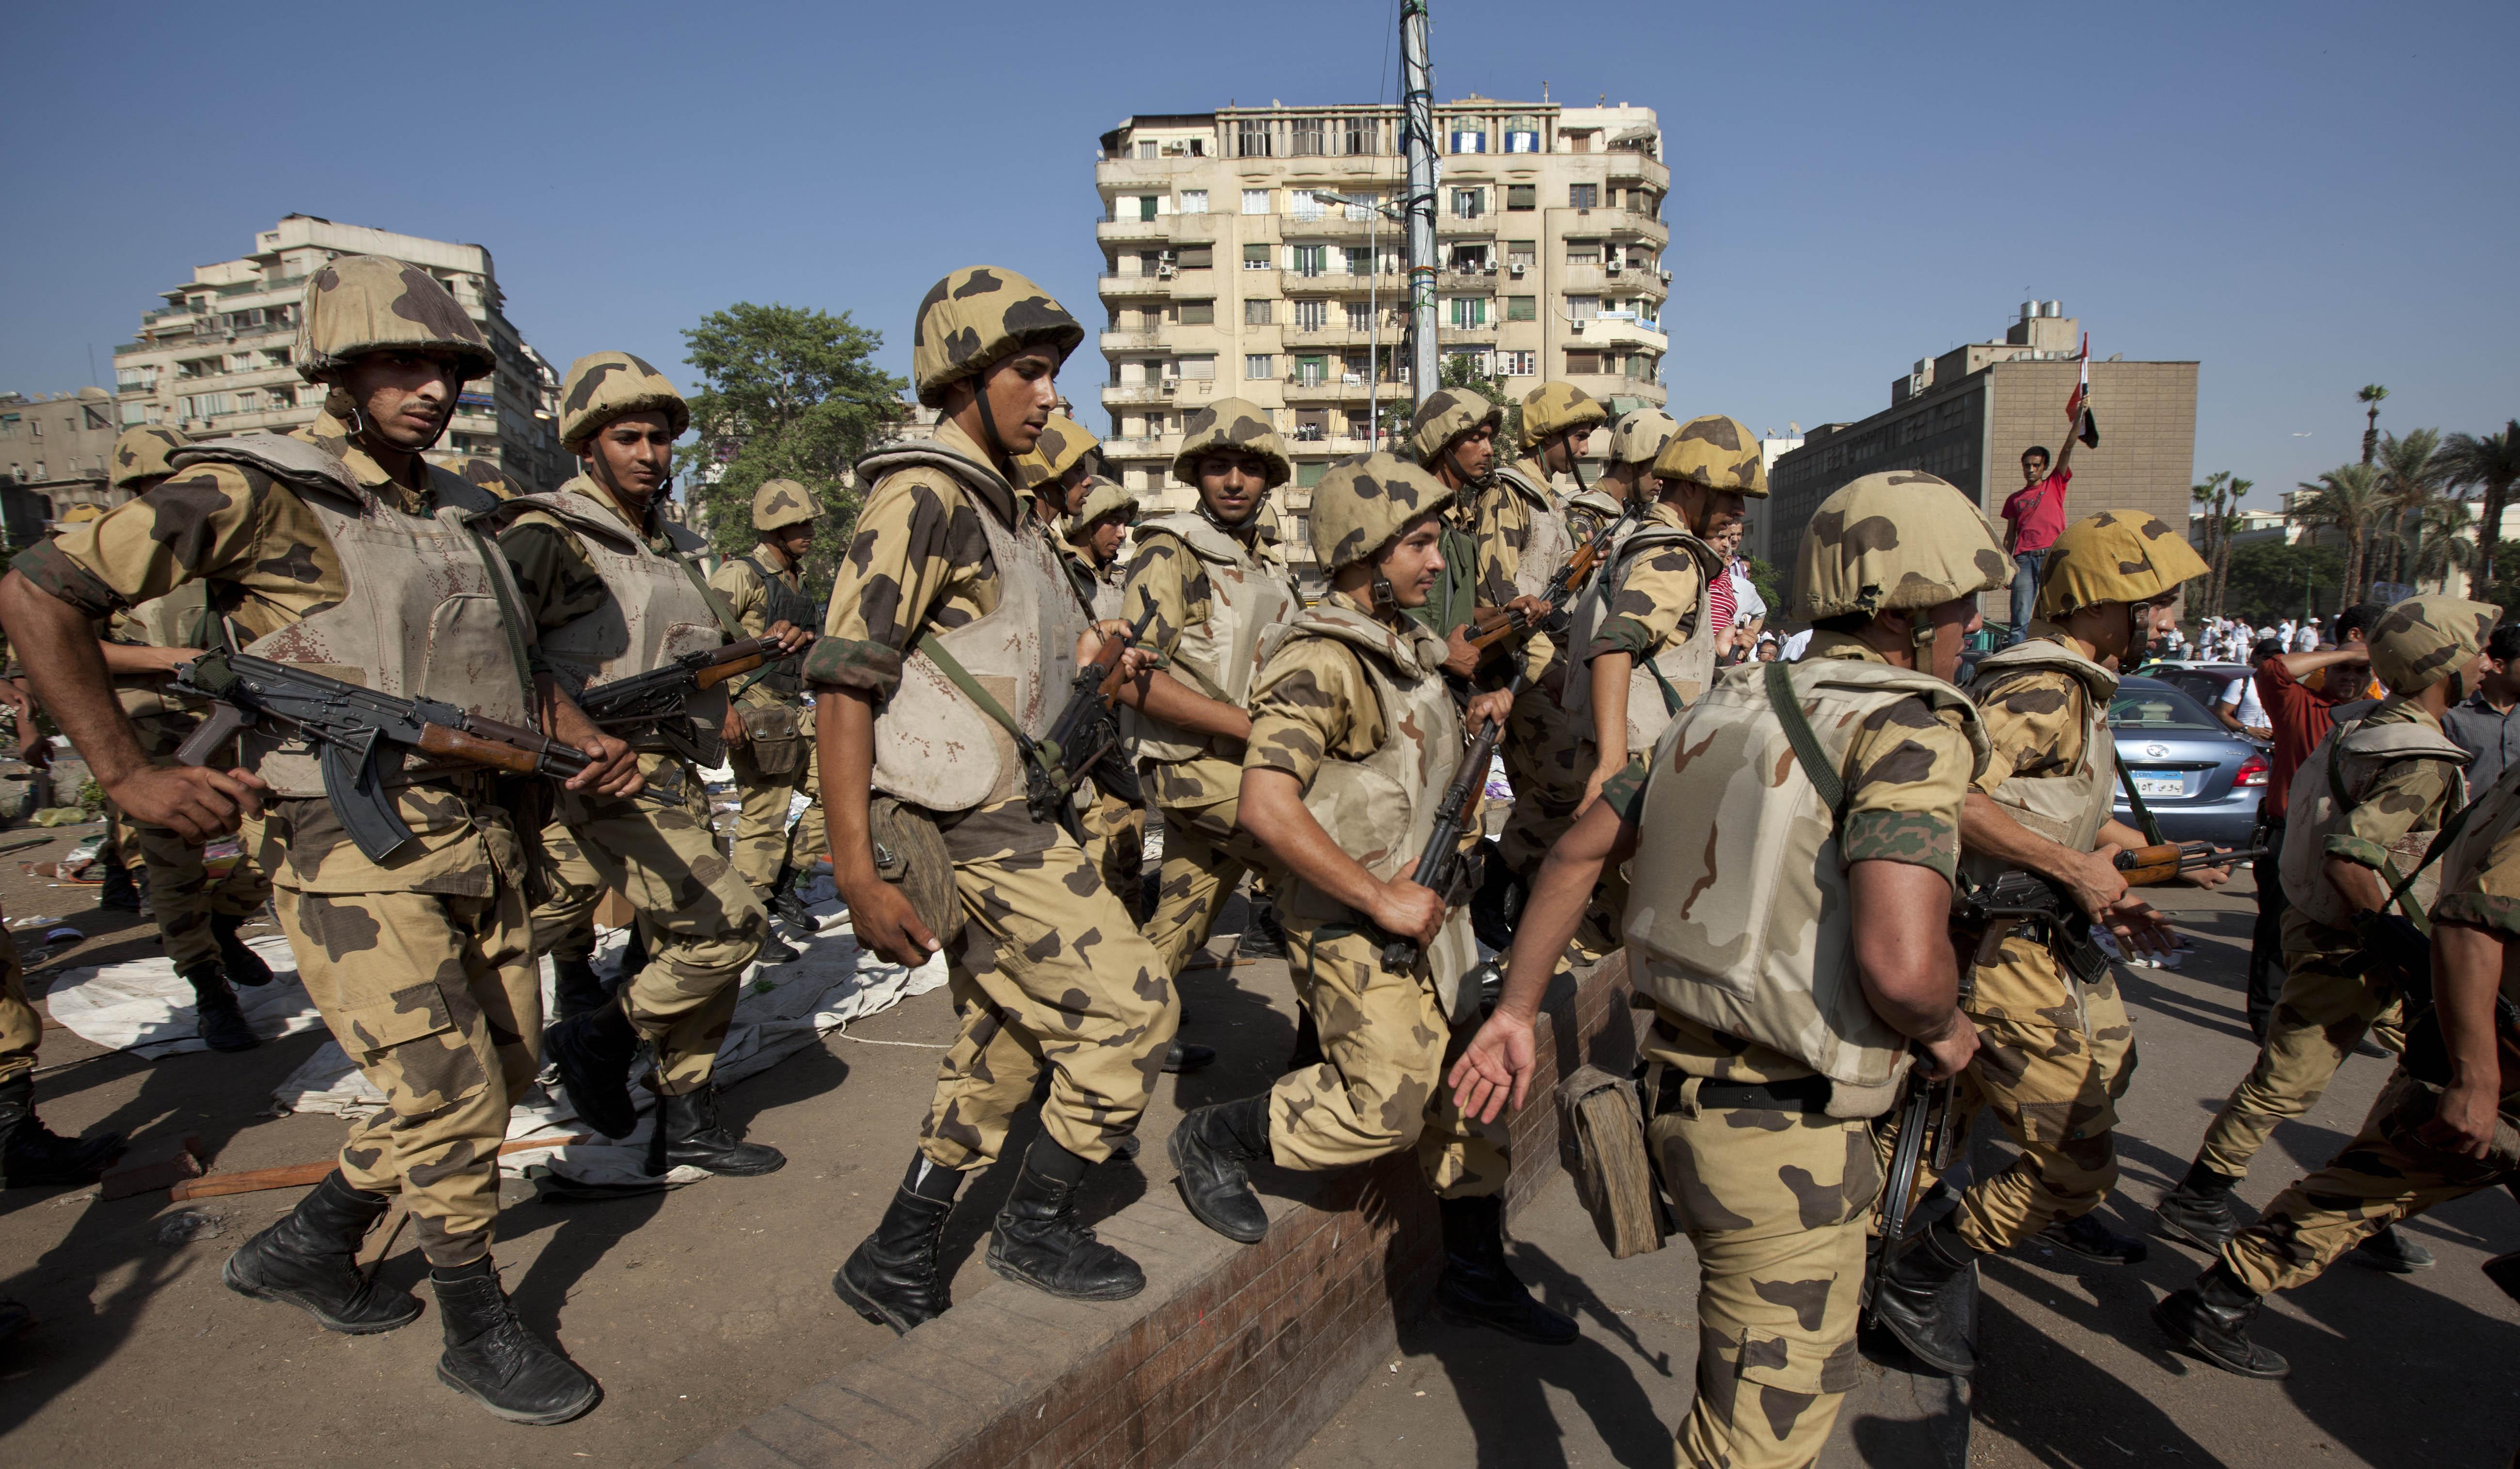 الجيش المصري ينشر وحداتة لتأمين المنشآت